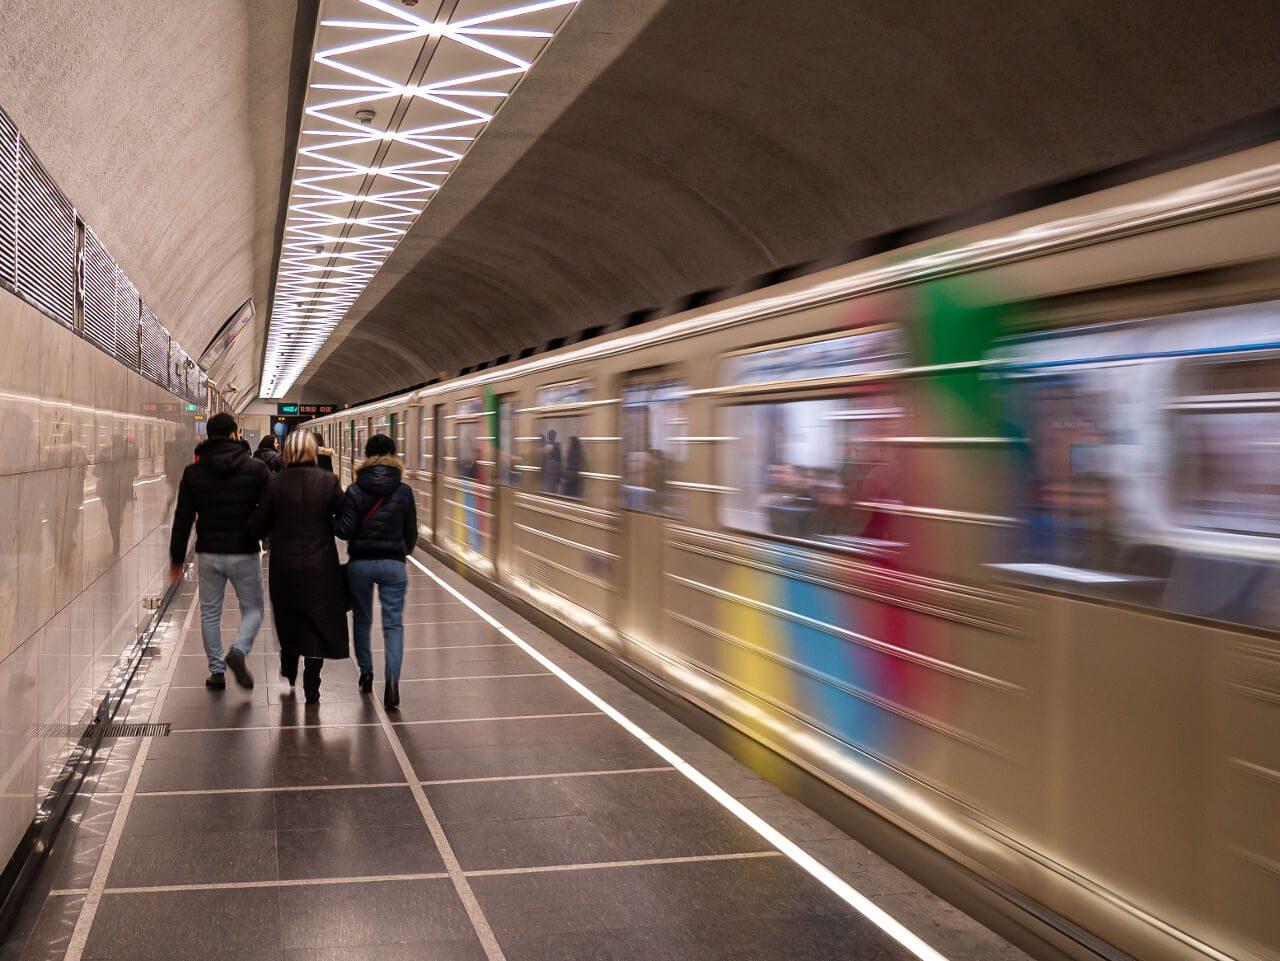 Stacja metra w Baku